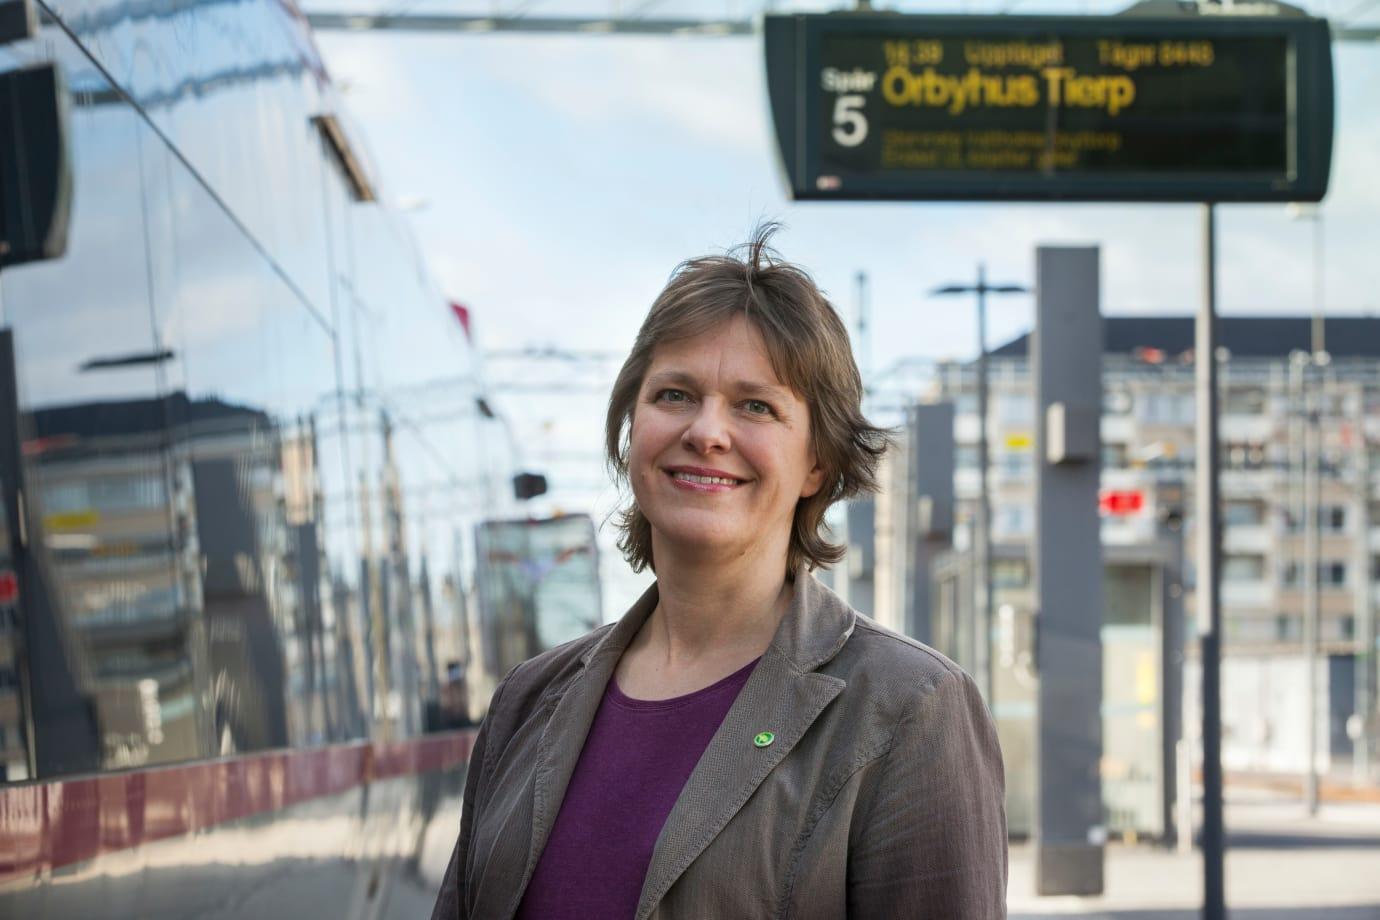 Dags att lämna synpunkter på Region Uppsalas cykelstrategi